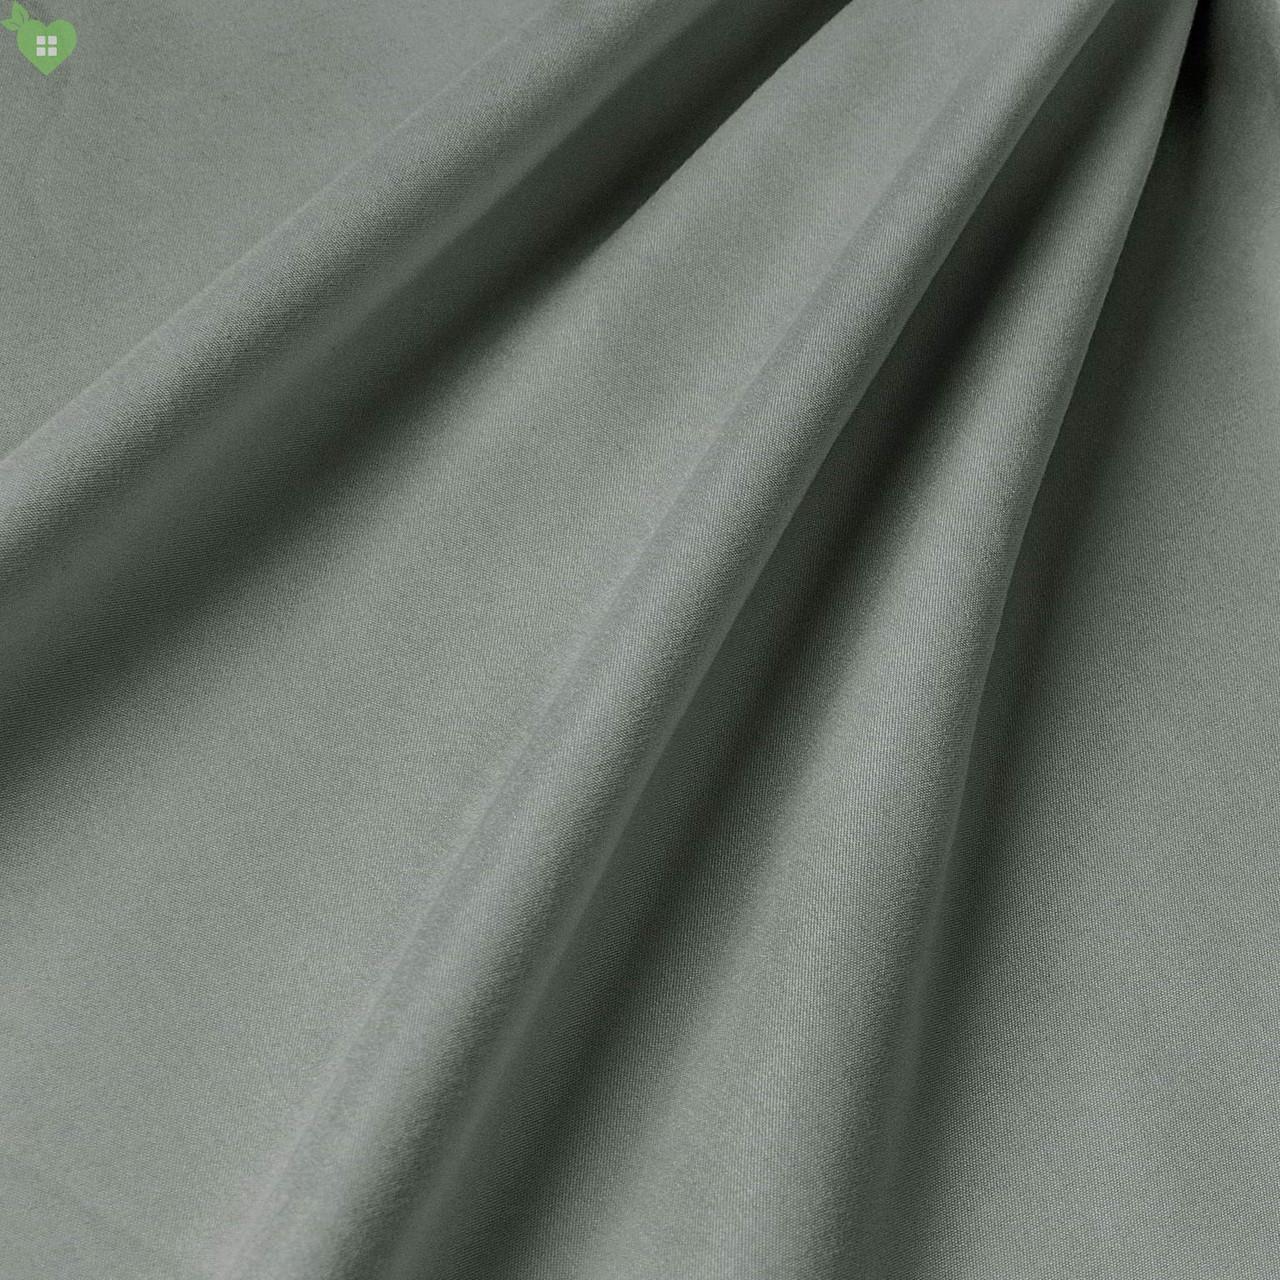 Подкладочная ткань матовая фактура серая Испания 83323v26